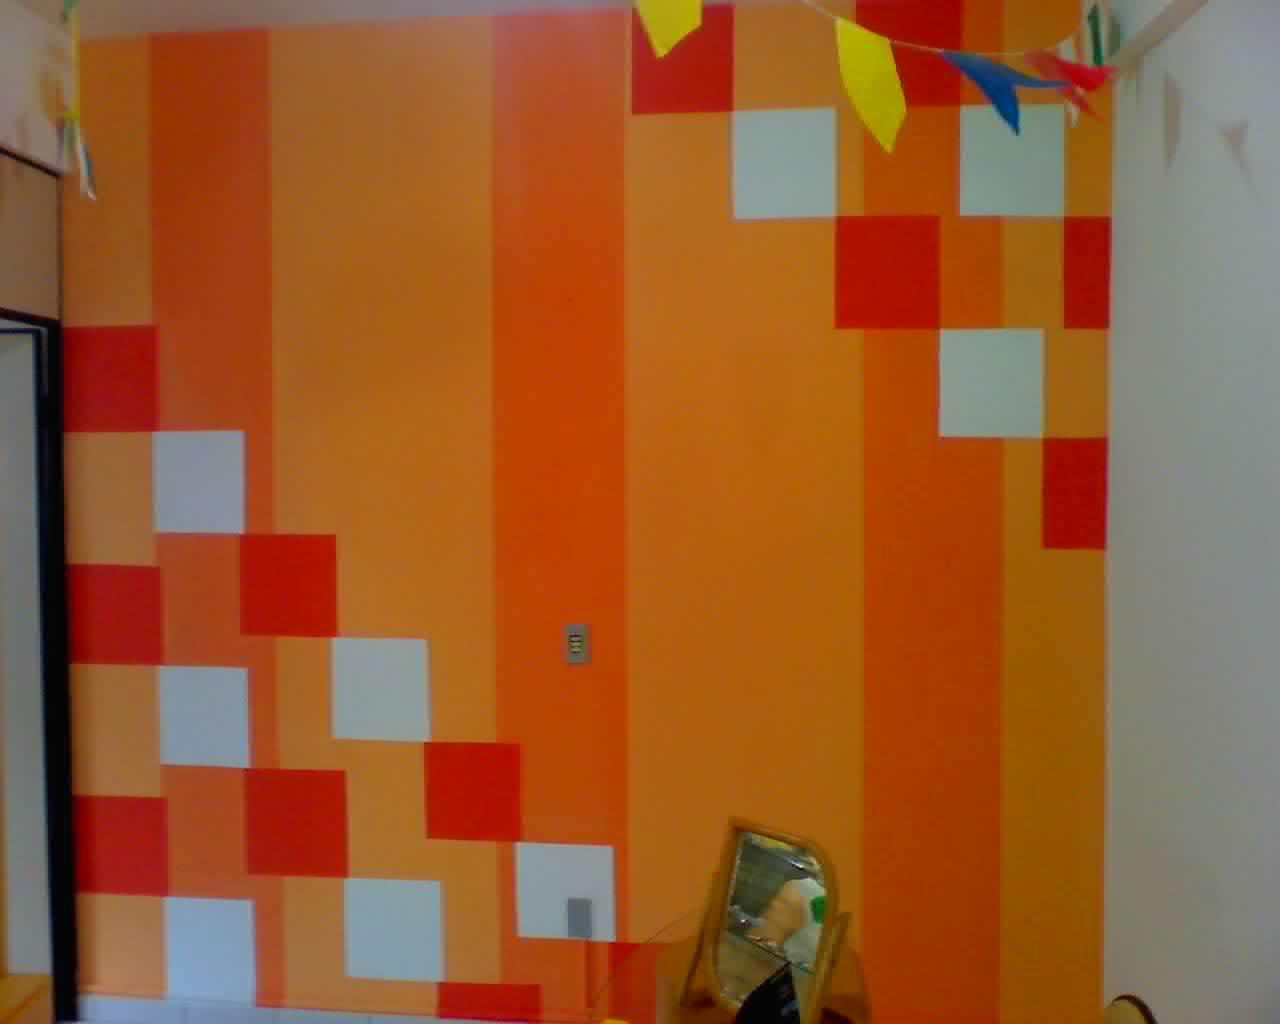 Adriano j p pinturas resid ncias e letreiros pintura de - Pinturas de paredes ...